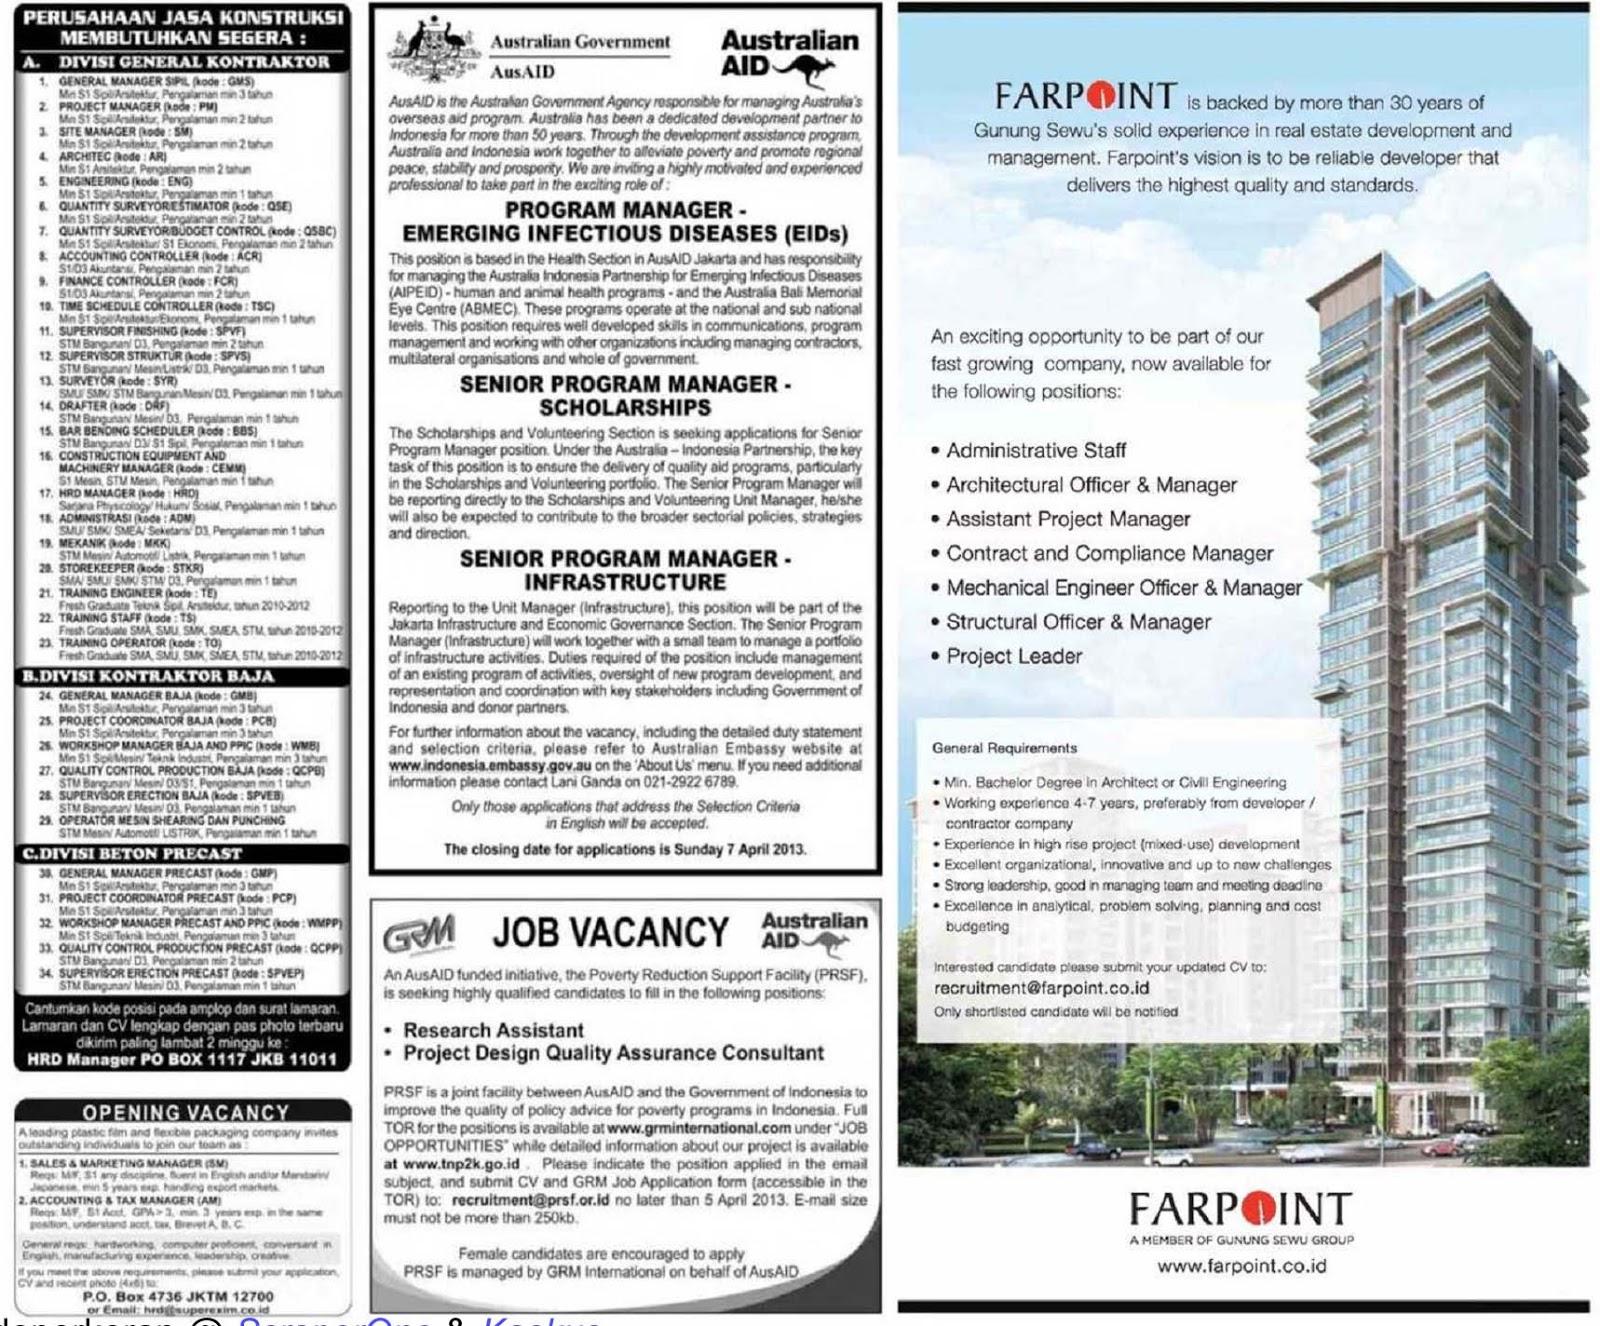 Iklan Lowongan kerja koran kompas Sabtu 23 Maret 2013